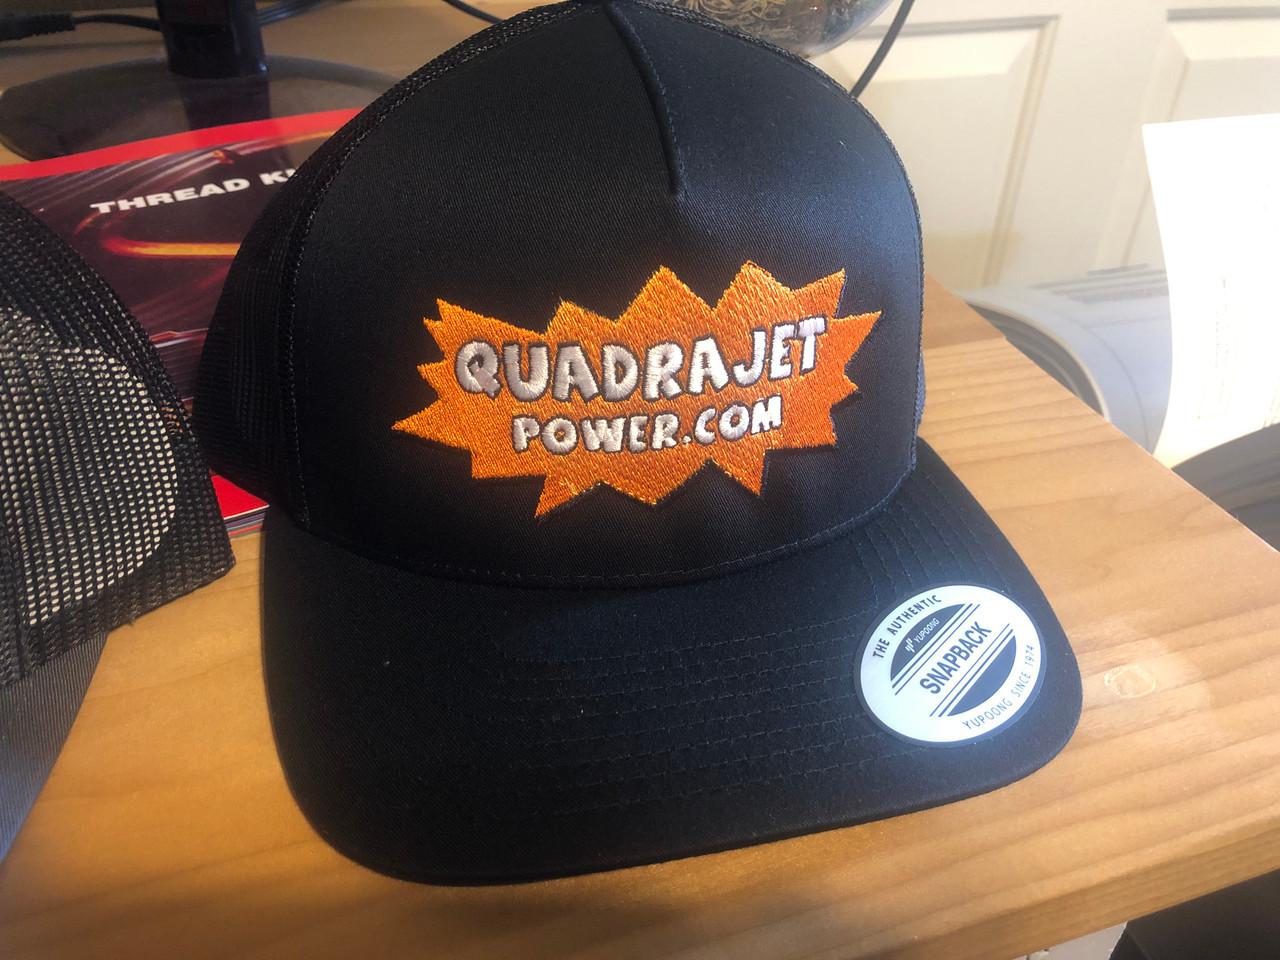 Quadrajet Power cap